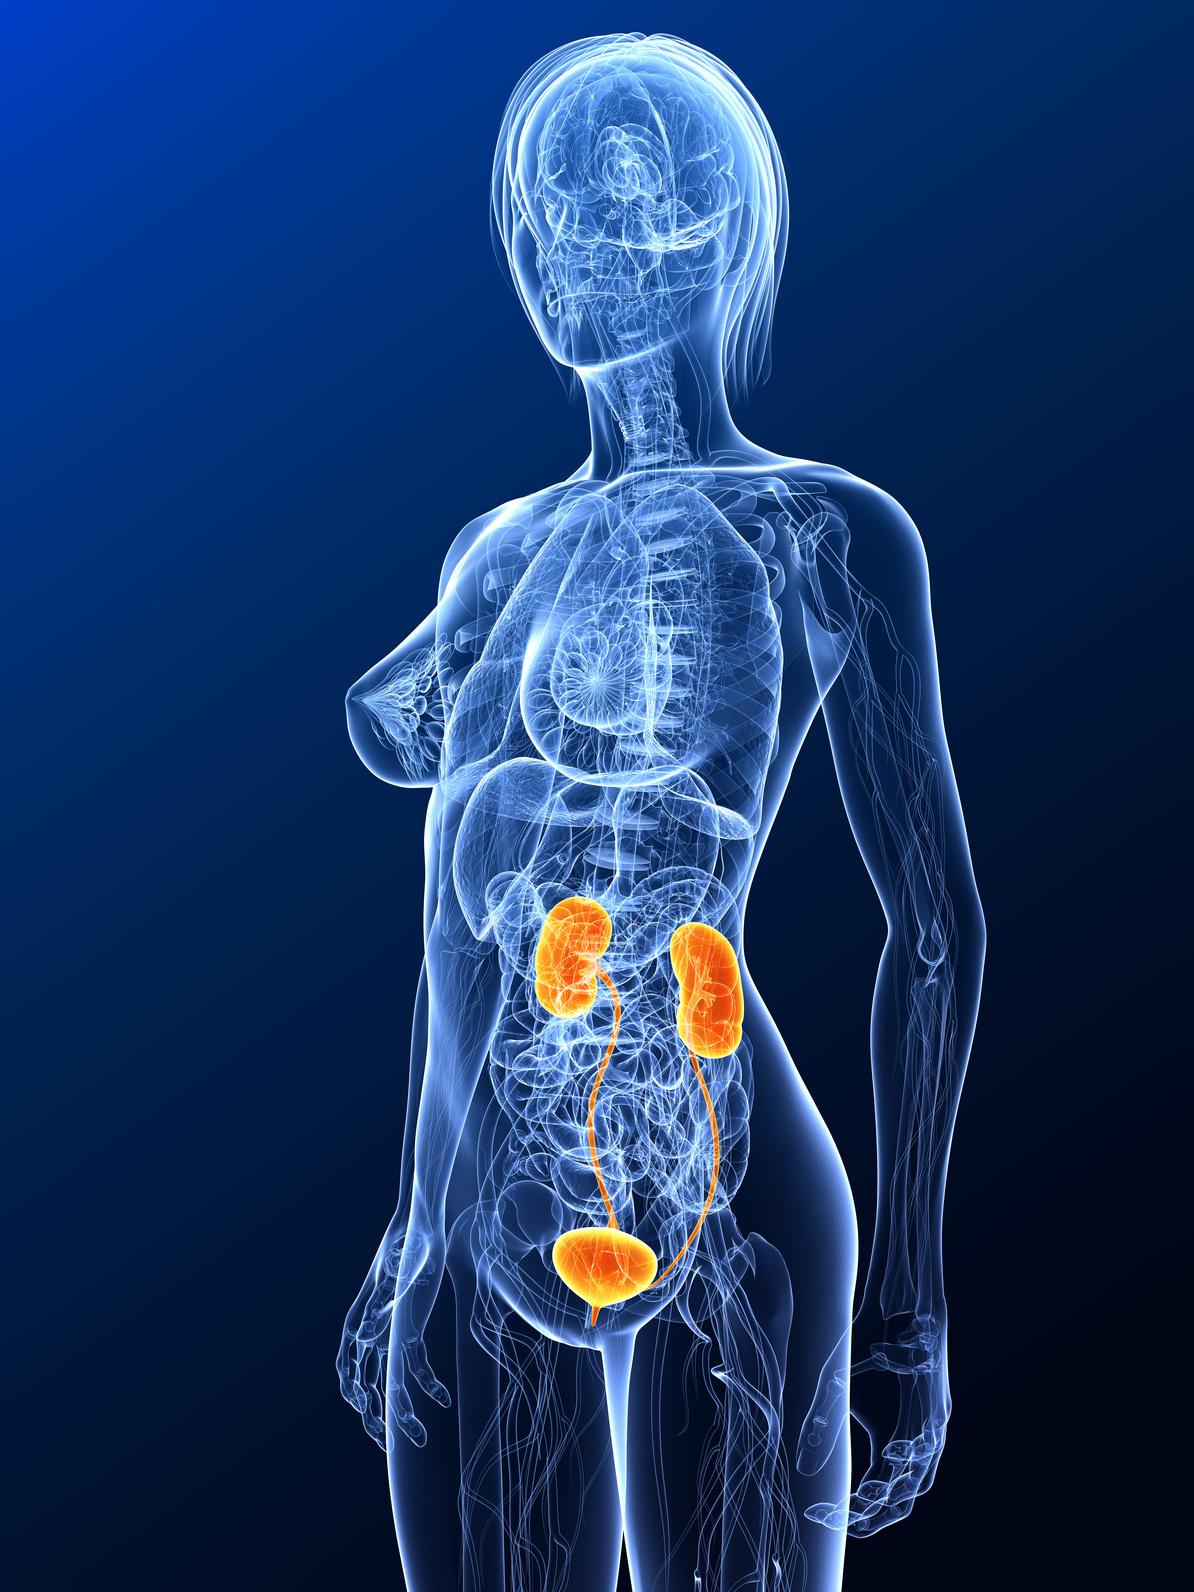 Reizblase (überaktive Blase) - Ursachen, Symptome und Behandlung